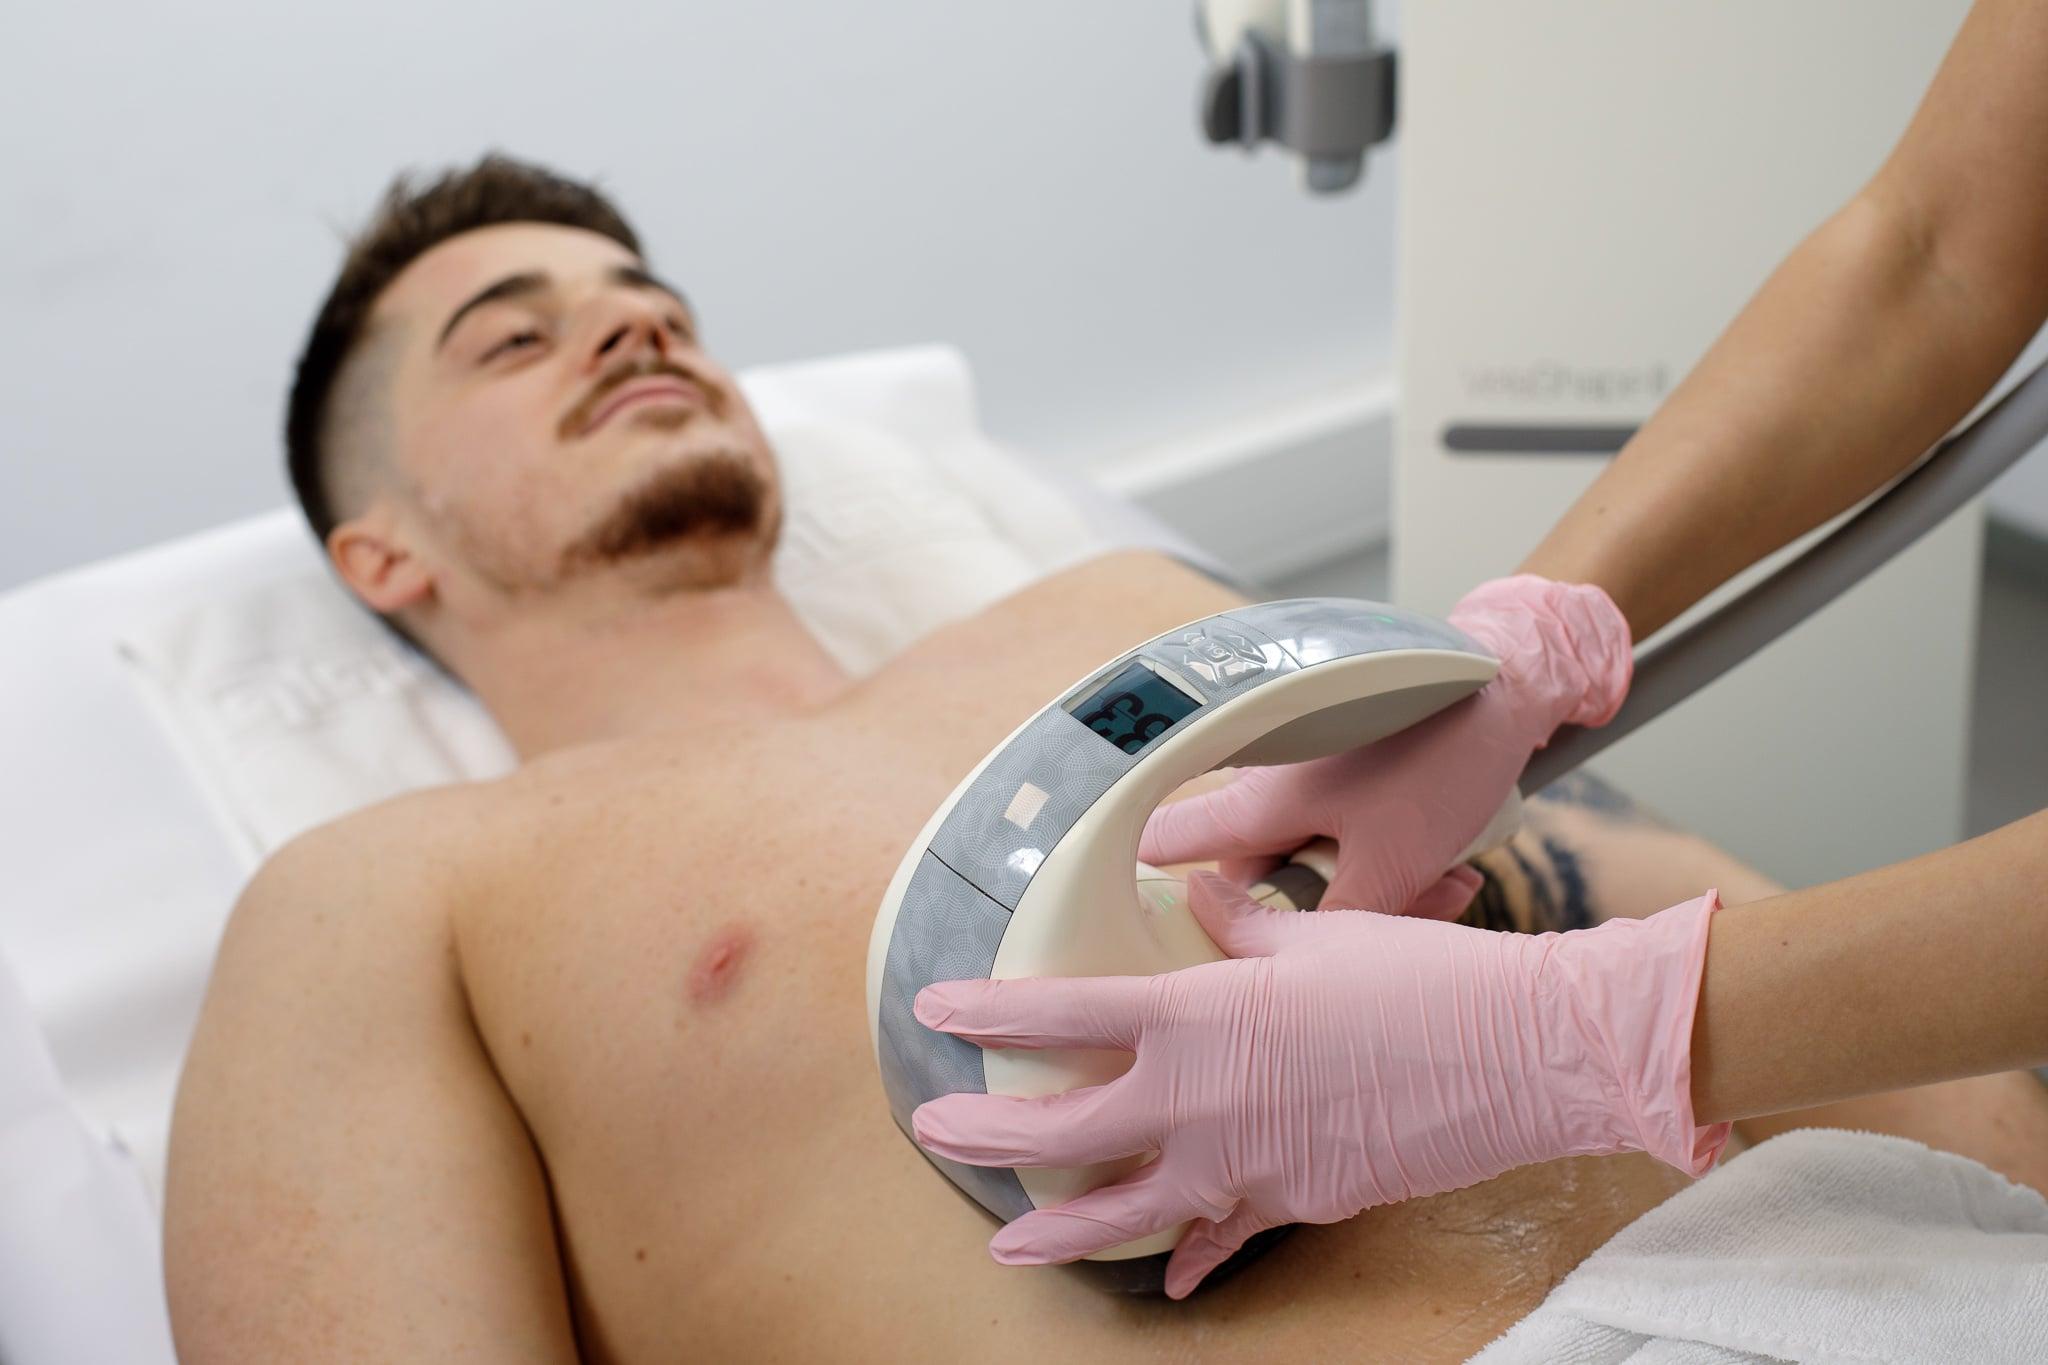 sănătatea bărbaților cum să slăbească scădere în greutate ridicată a amoniacului